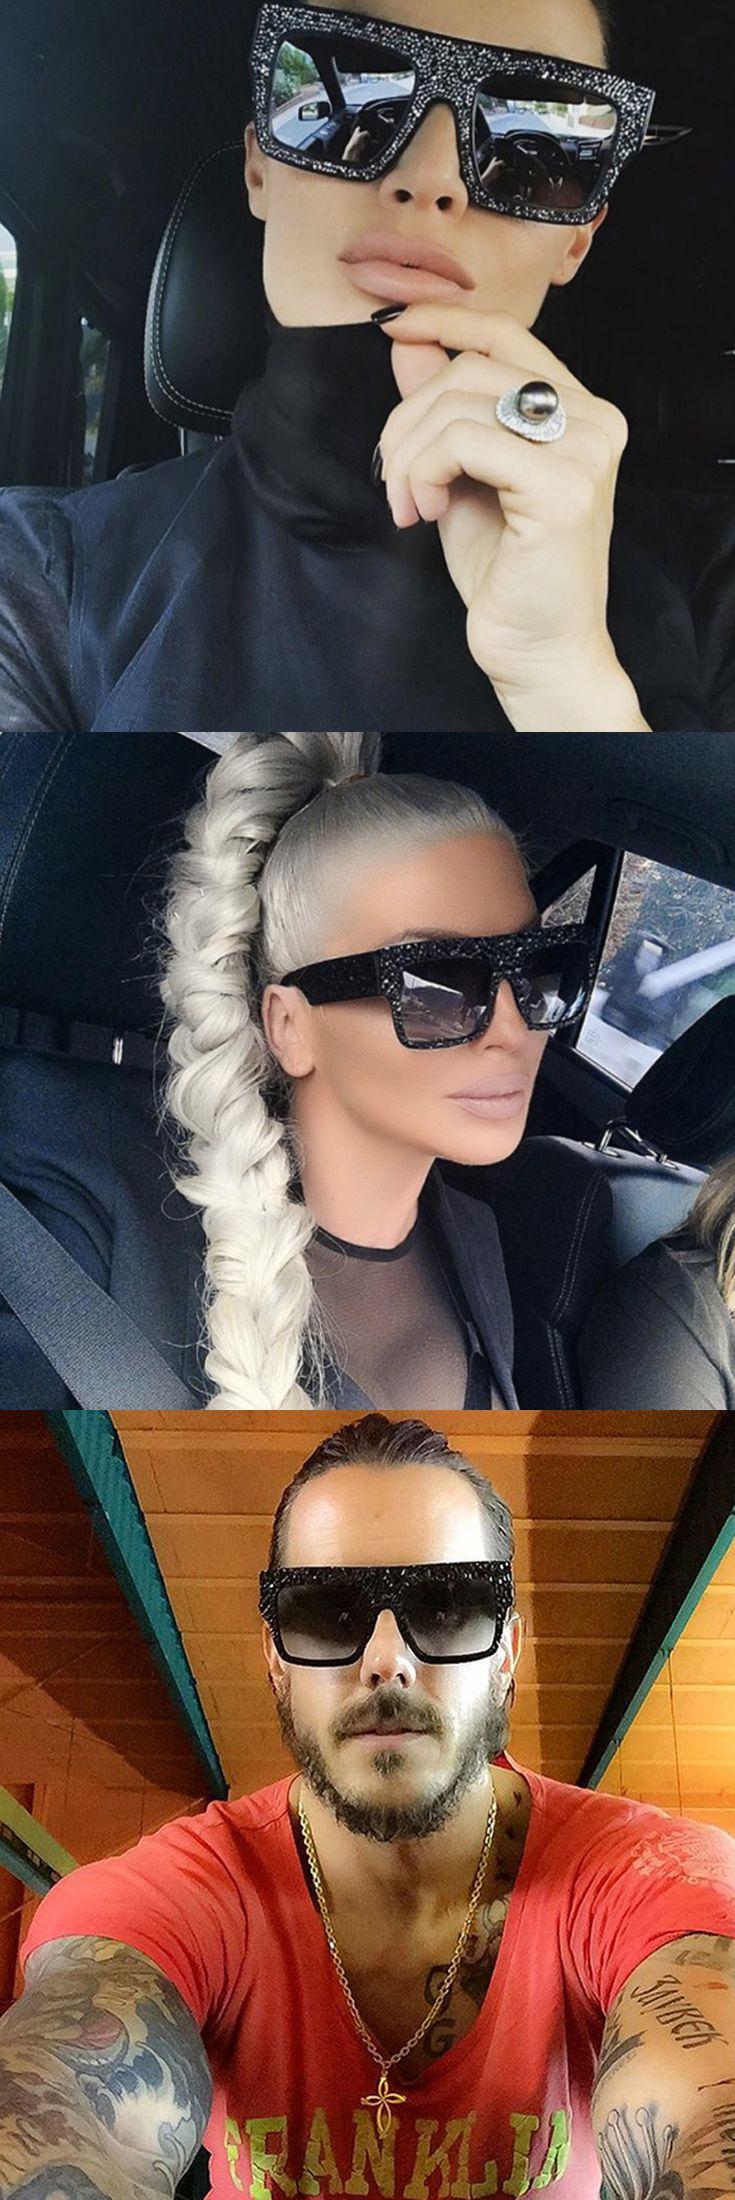 Designer sunglasses, summer sunglasses, 2017 trendy sunglasses, women sunglasses, mirror sunglasses, dior sunglasses, coachella sunglasses, boho sunglasses,